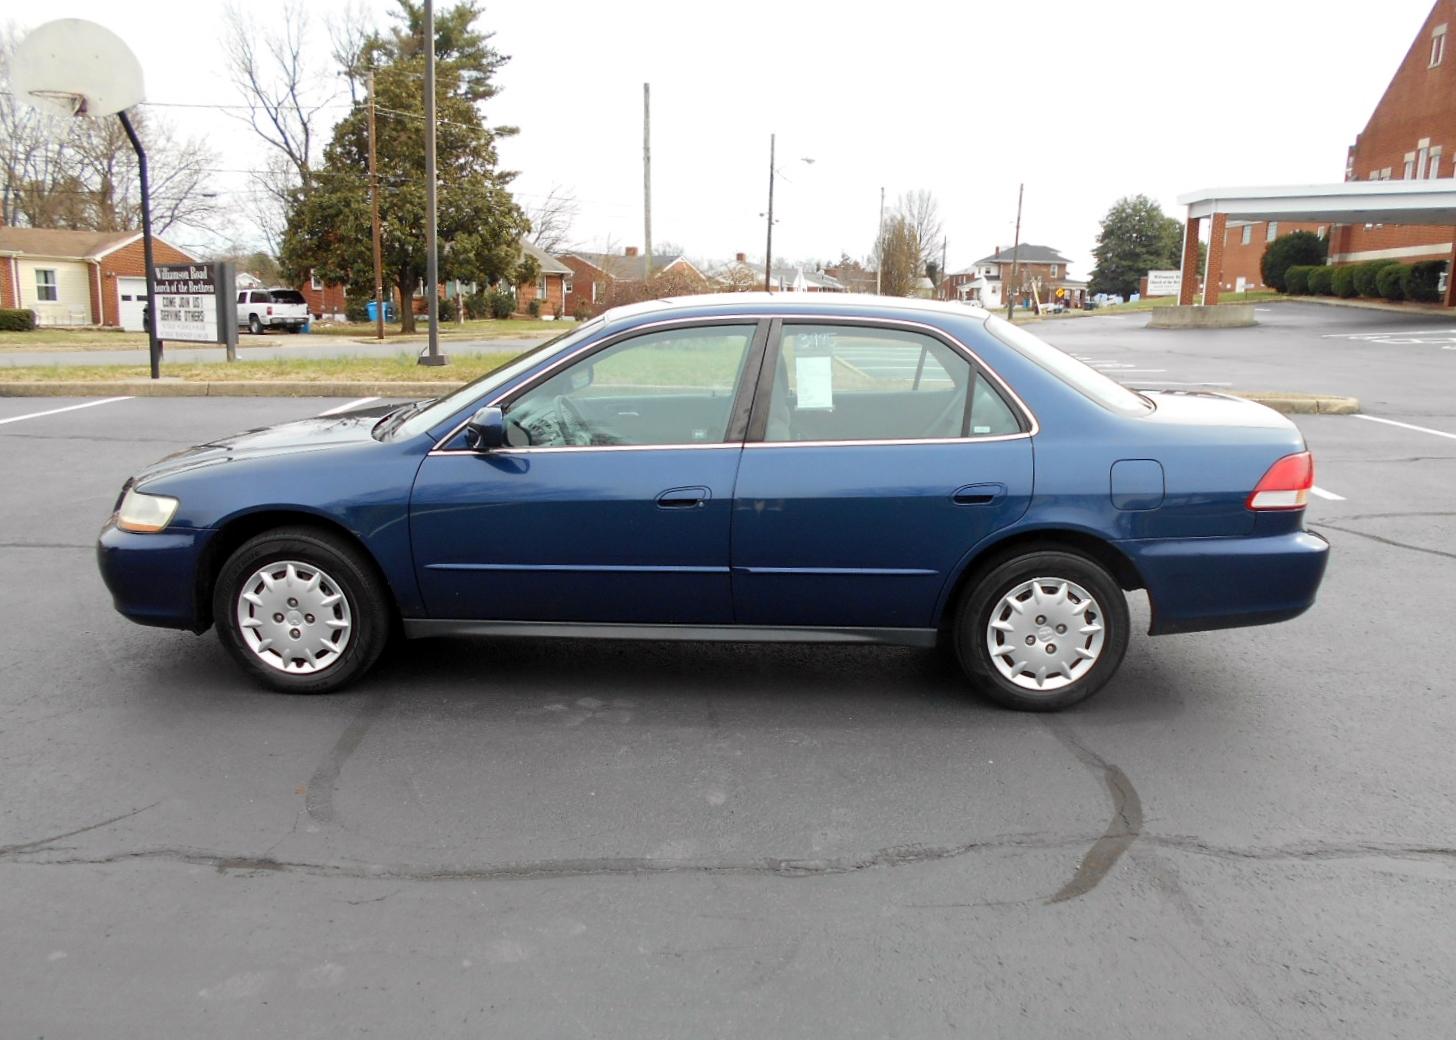 Charming 2002 Honda Accord LX 008